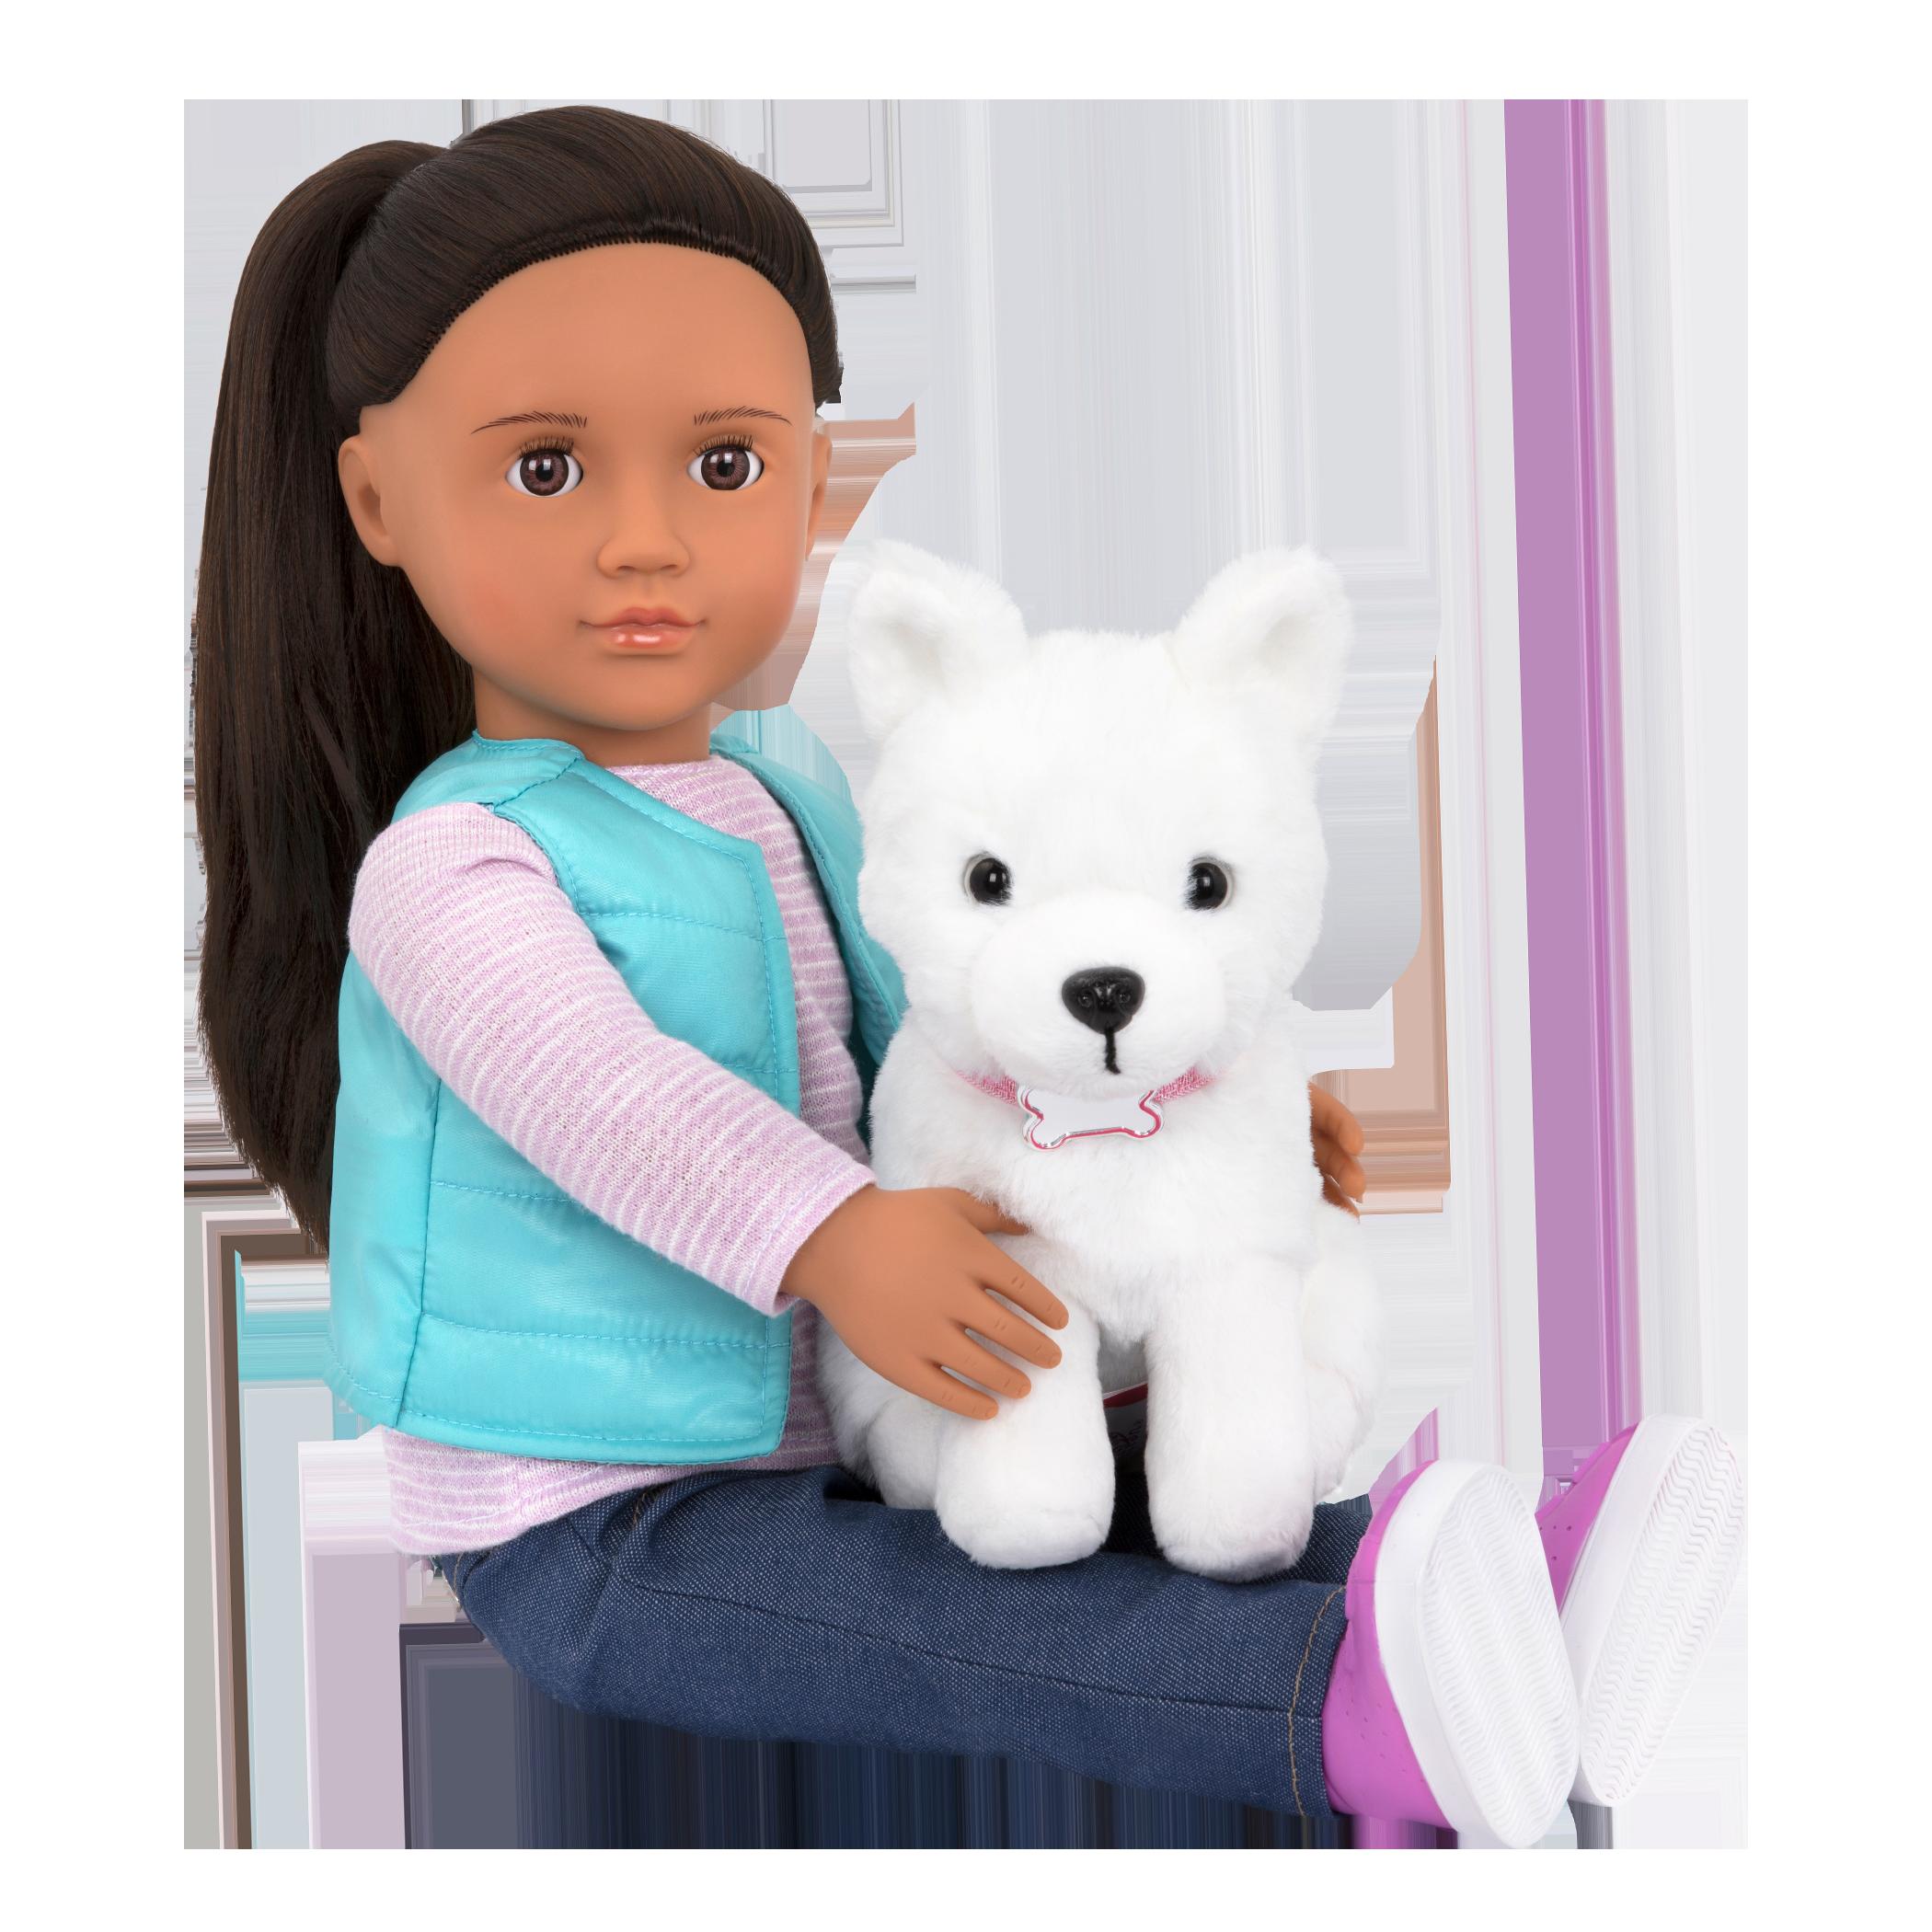 Cassie and Samoyed sitting